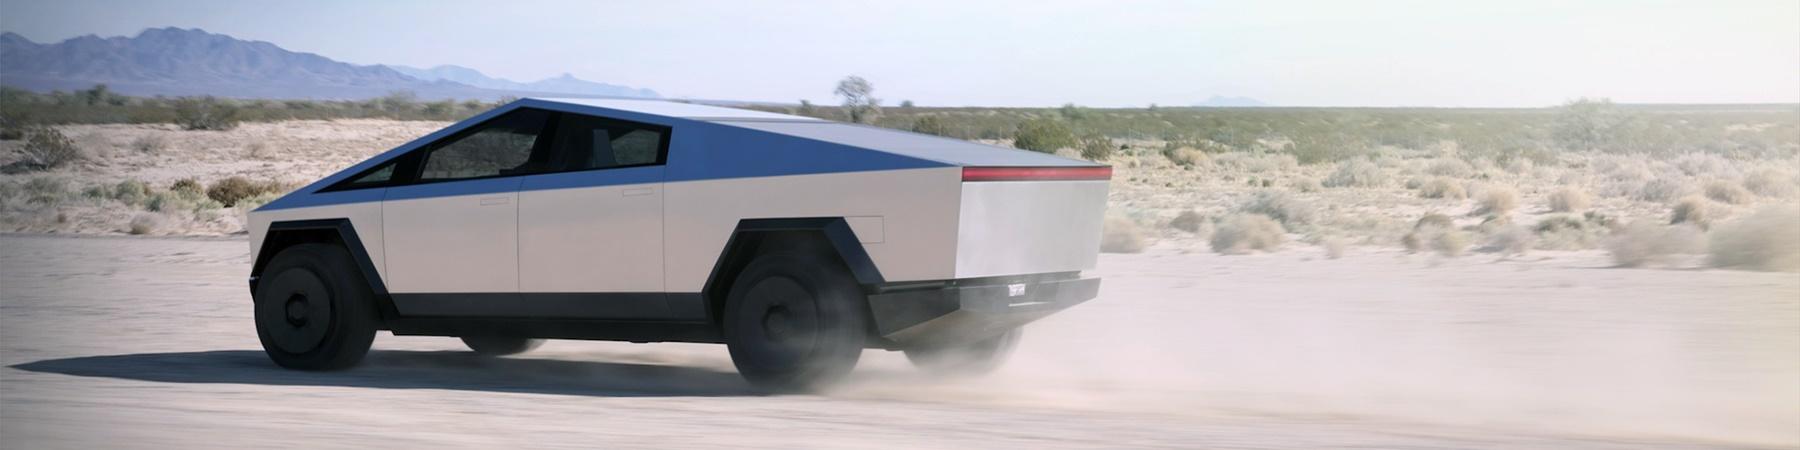 Tesla Cybertruck 100kWh 332 km actieradius